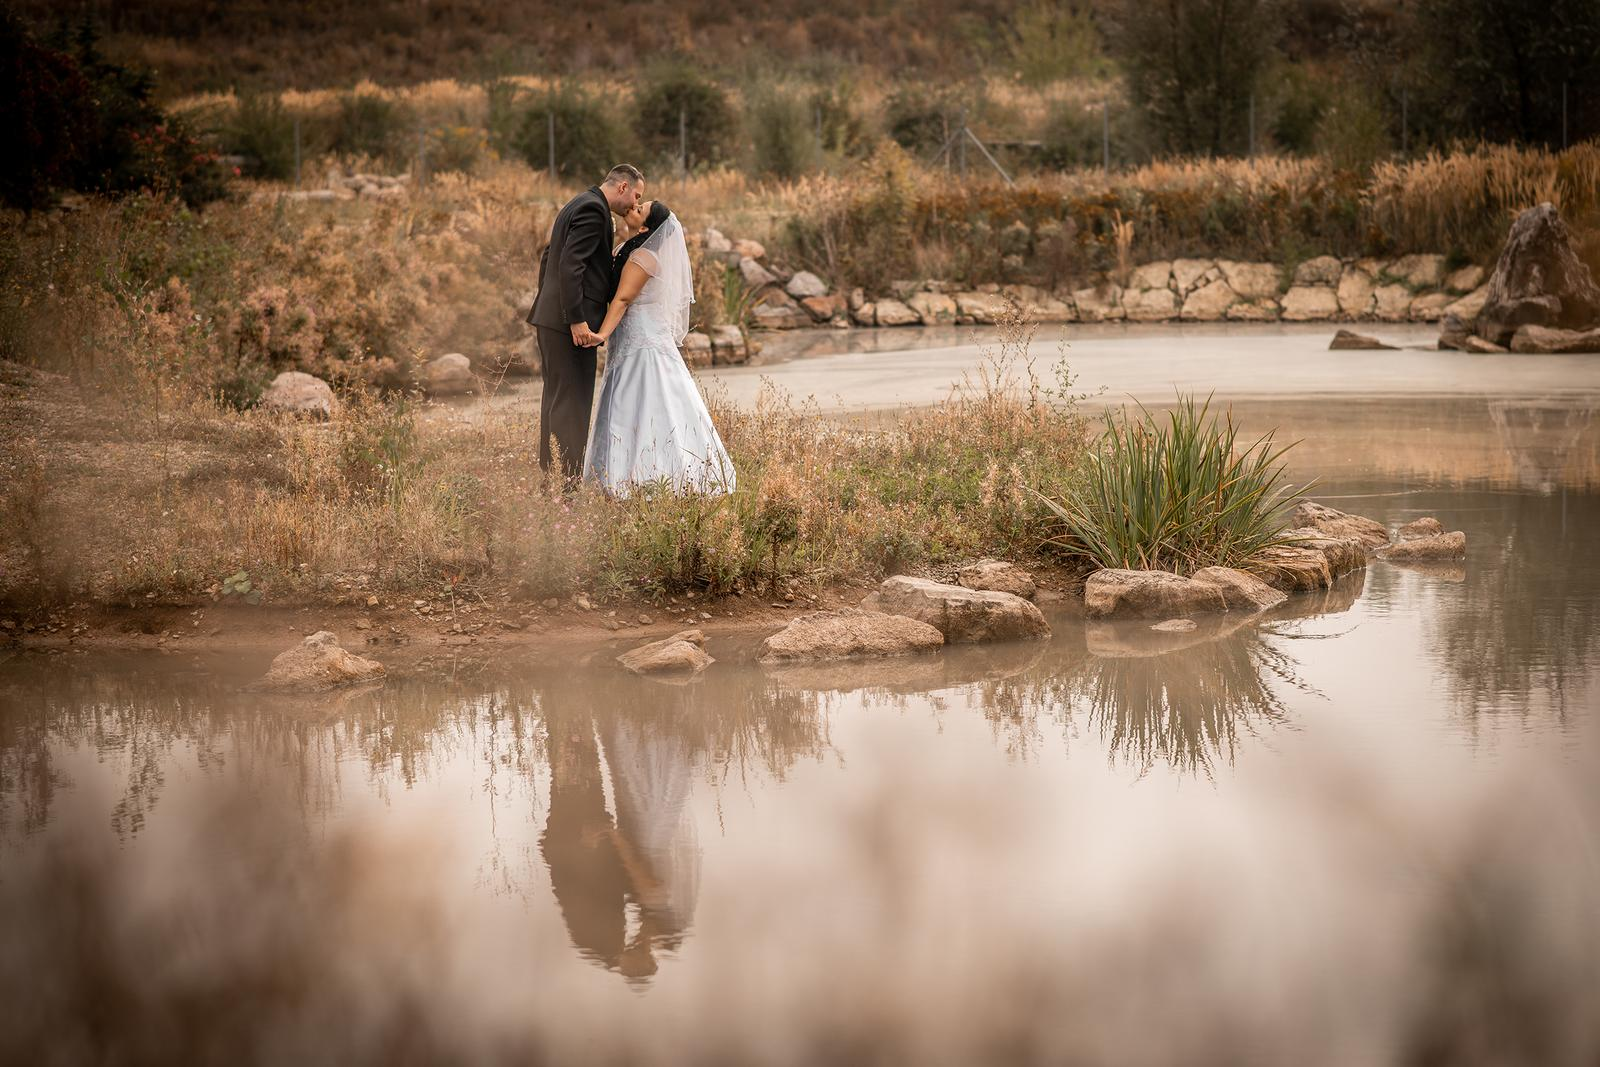 Svadba v parku ♥ 7.9.2018 ♥ - Obrázok č. 1